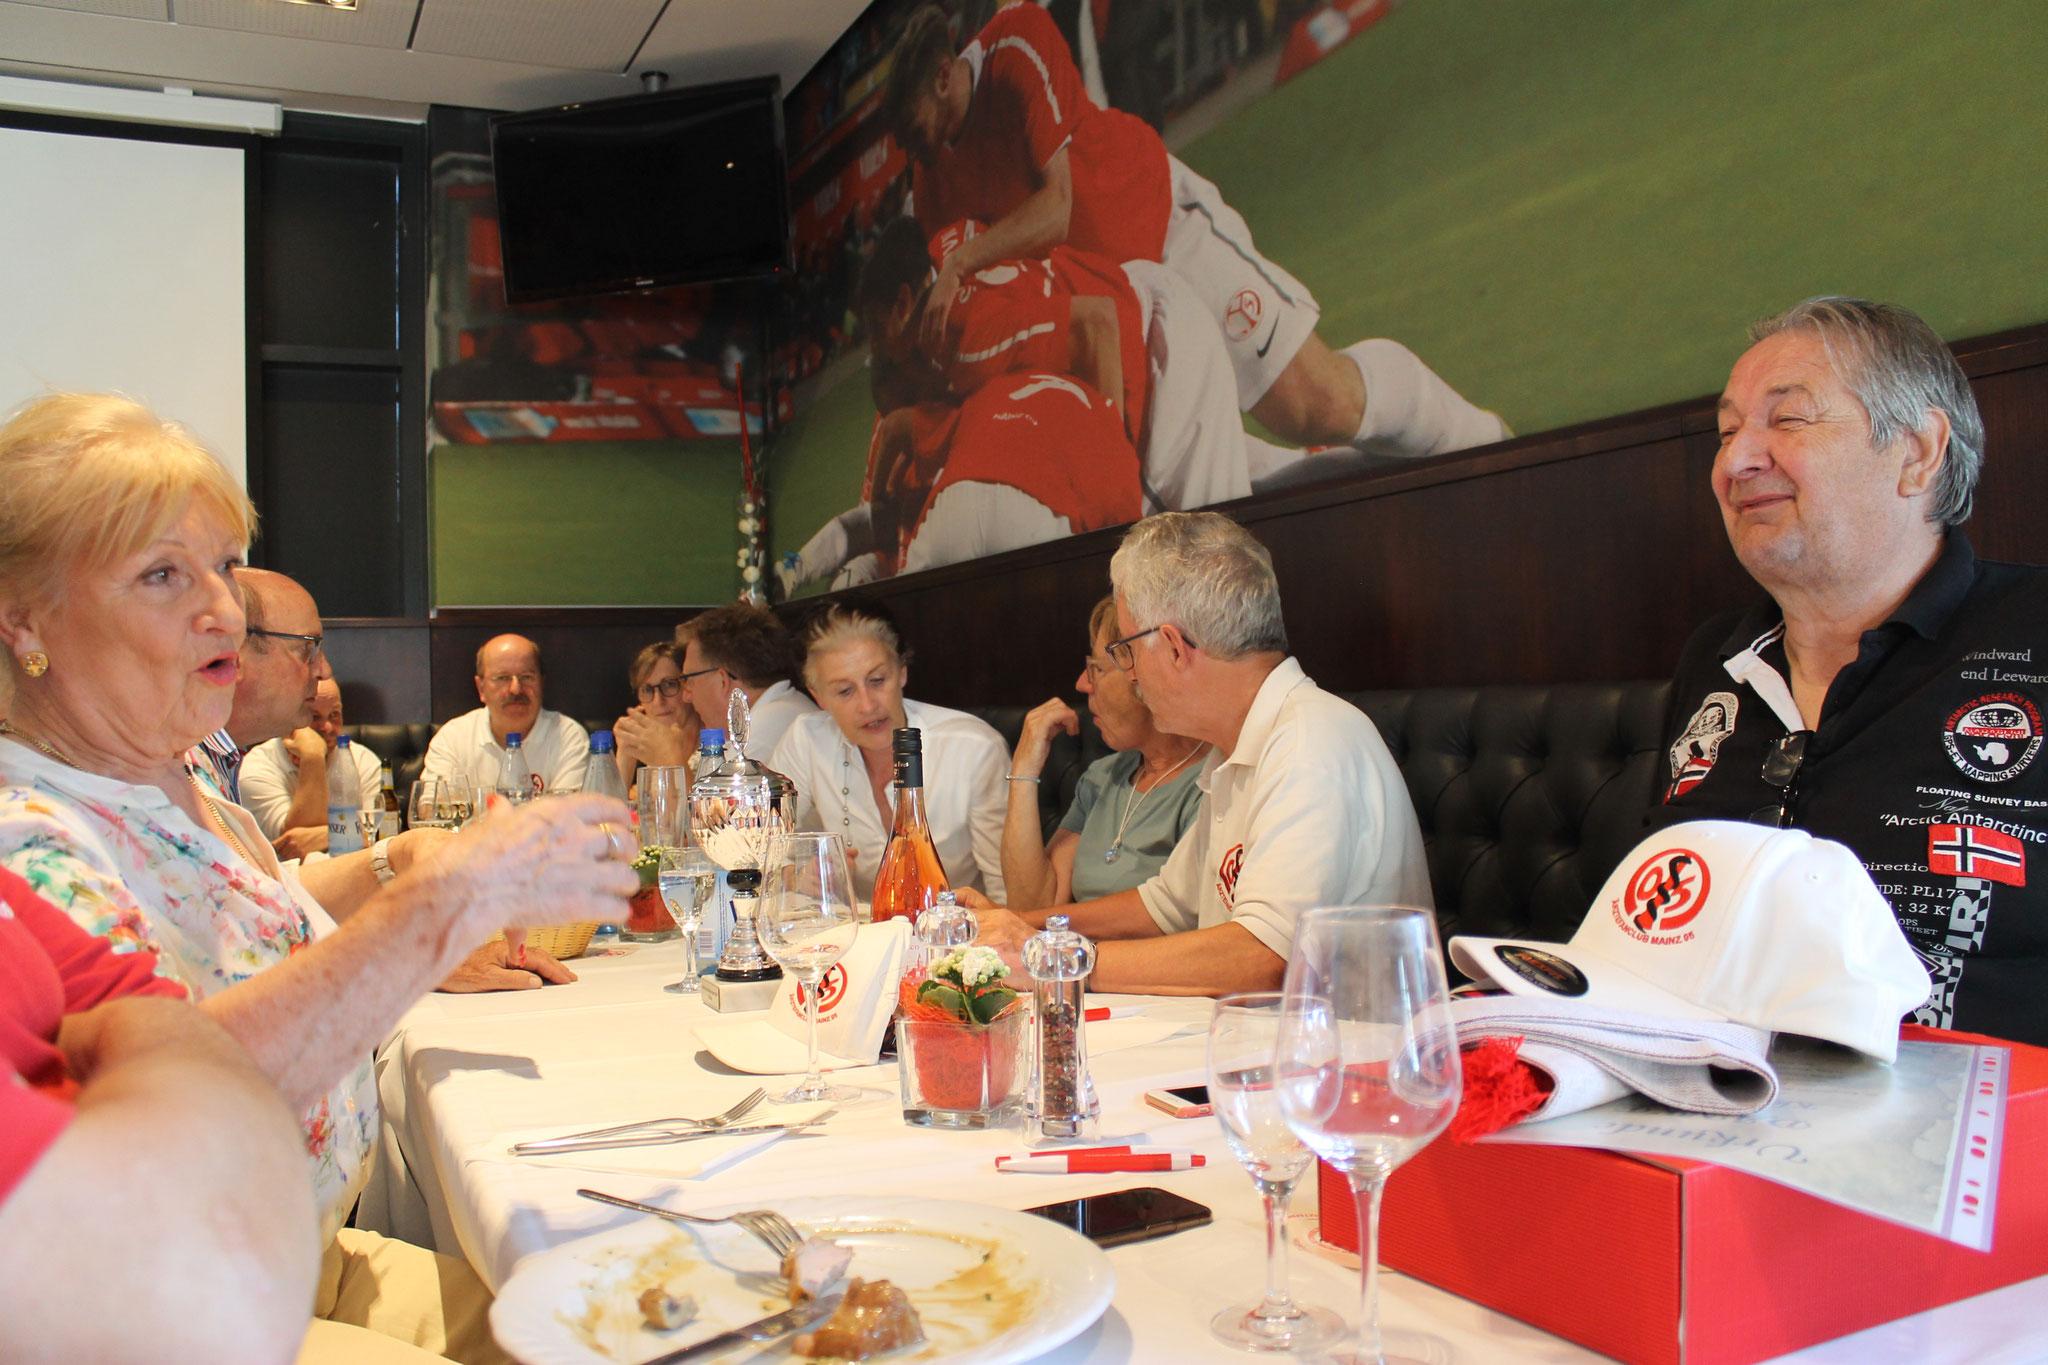 Margitsche und Klaus im hoch amüsanten Plausch, während der 1. Vorsitzende Wolfgang Klee fleißig diskutiert.